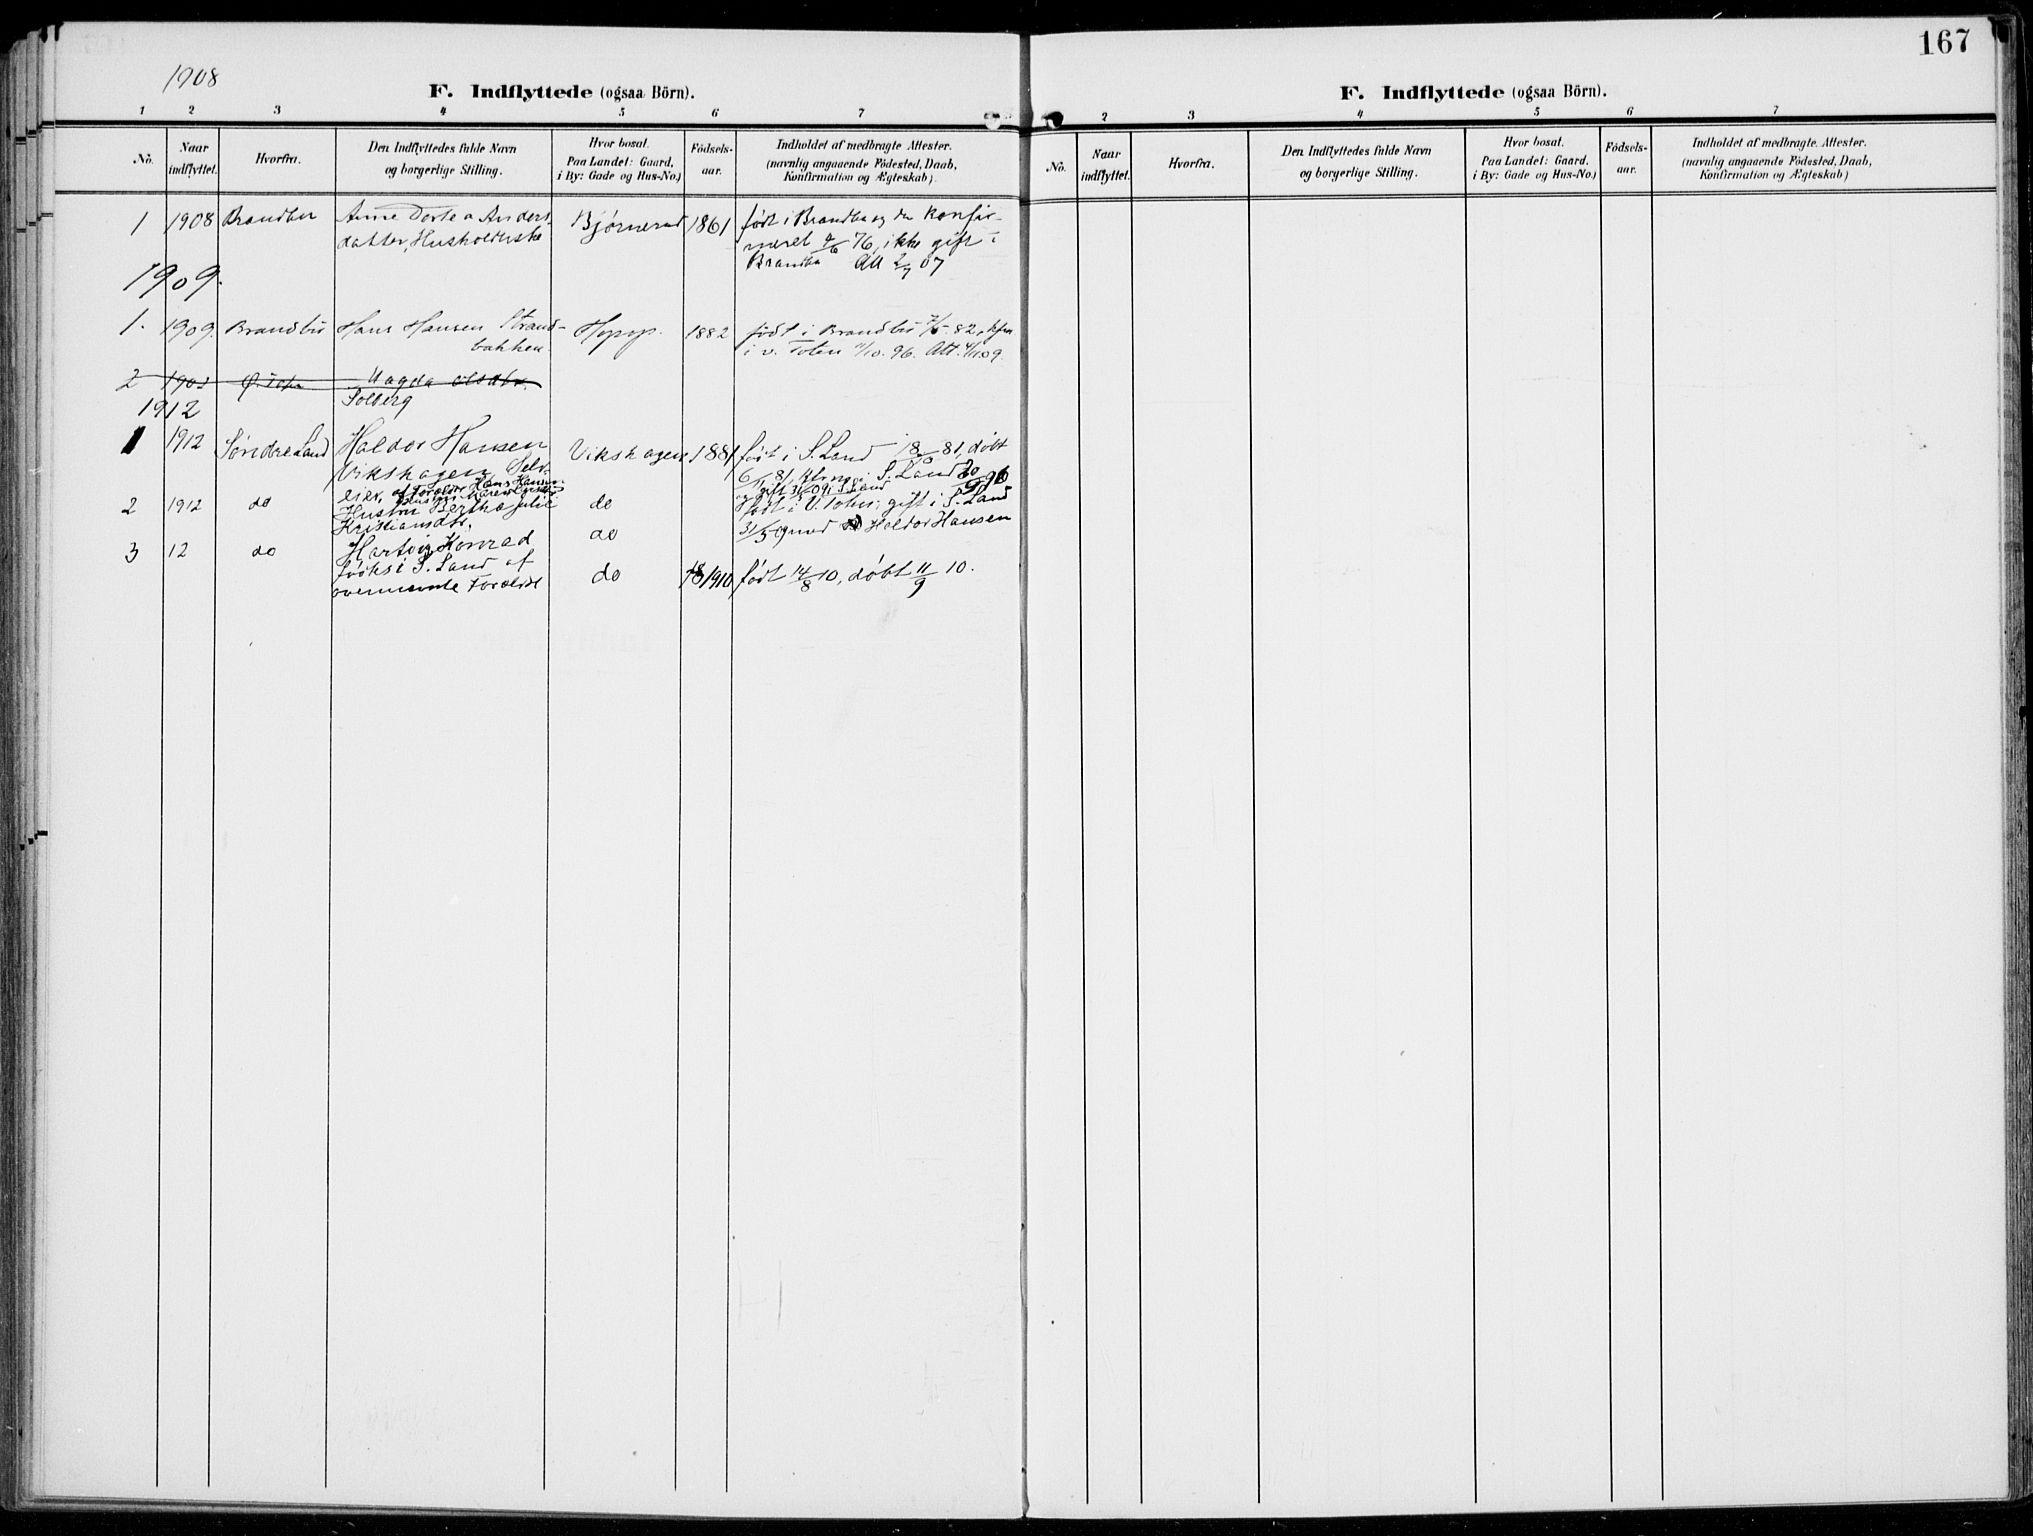 SAH, Kolbu prestekontor, Ministerialbok nr. 1, 1907-1923, s. 167